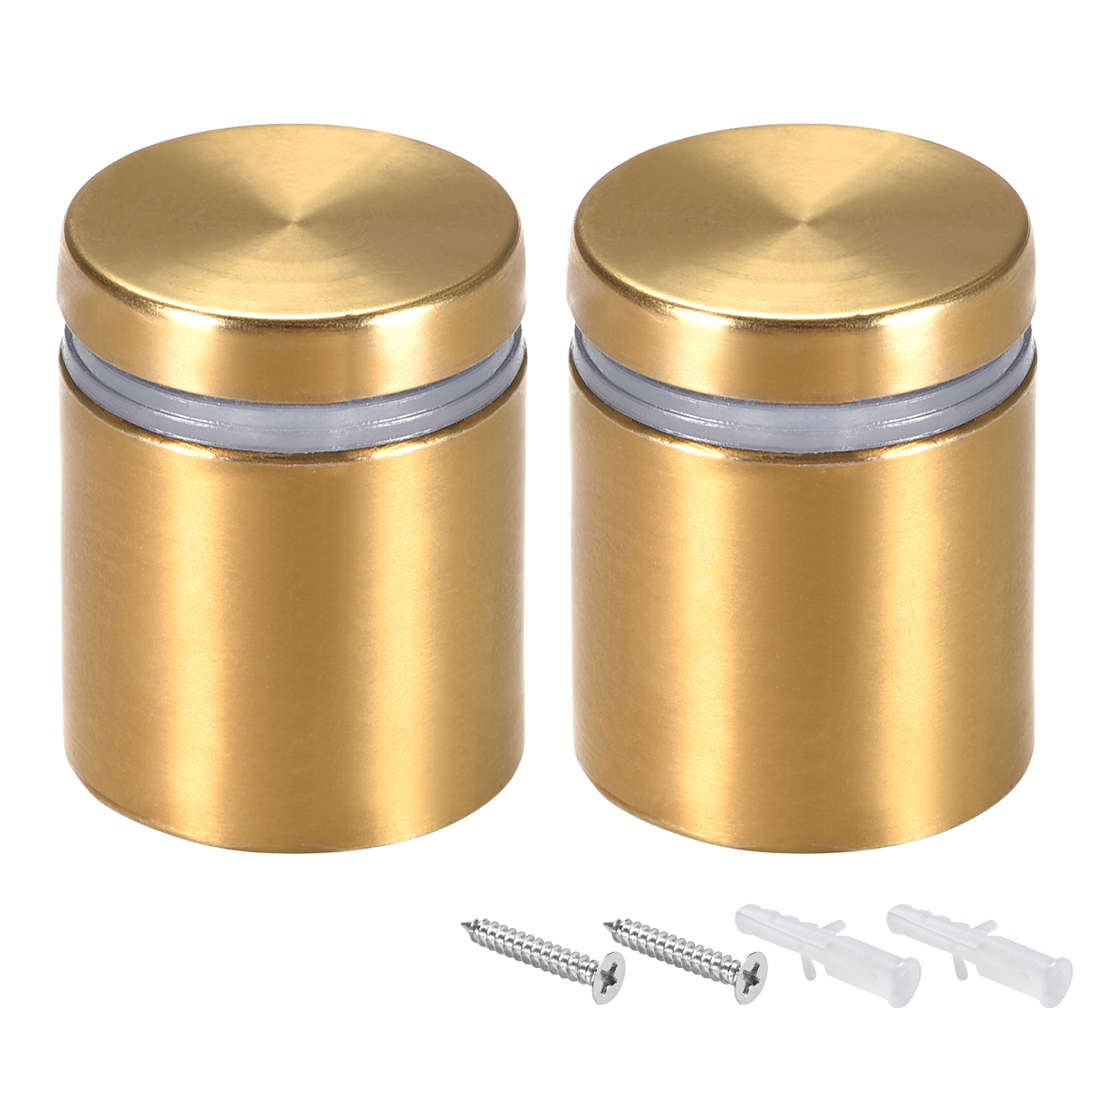 Glass Standoff Mount Wall Standoff Nails 25mm Dia 32mm Length Golden 2 Pcs